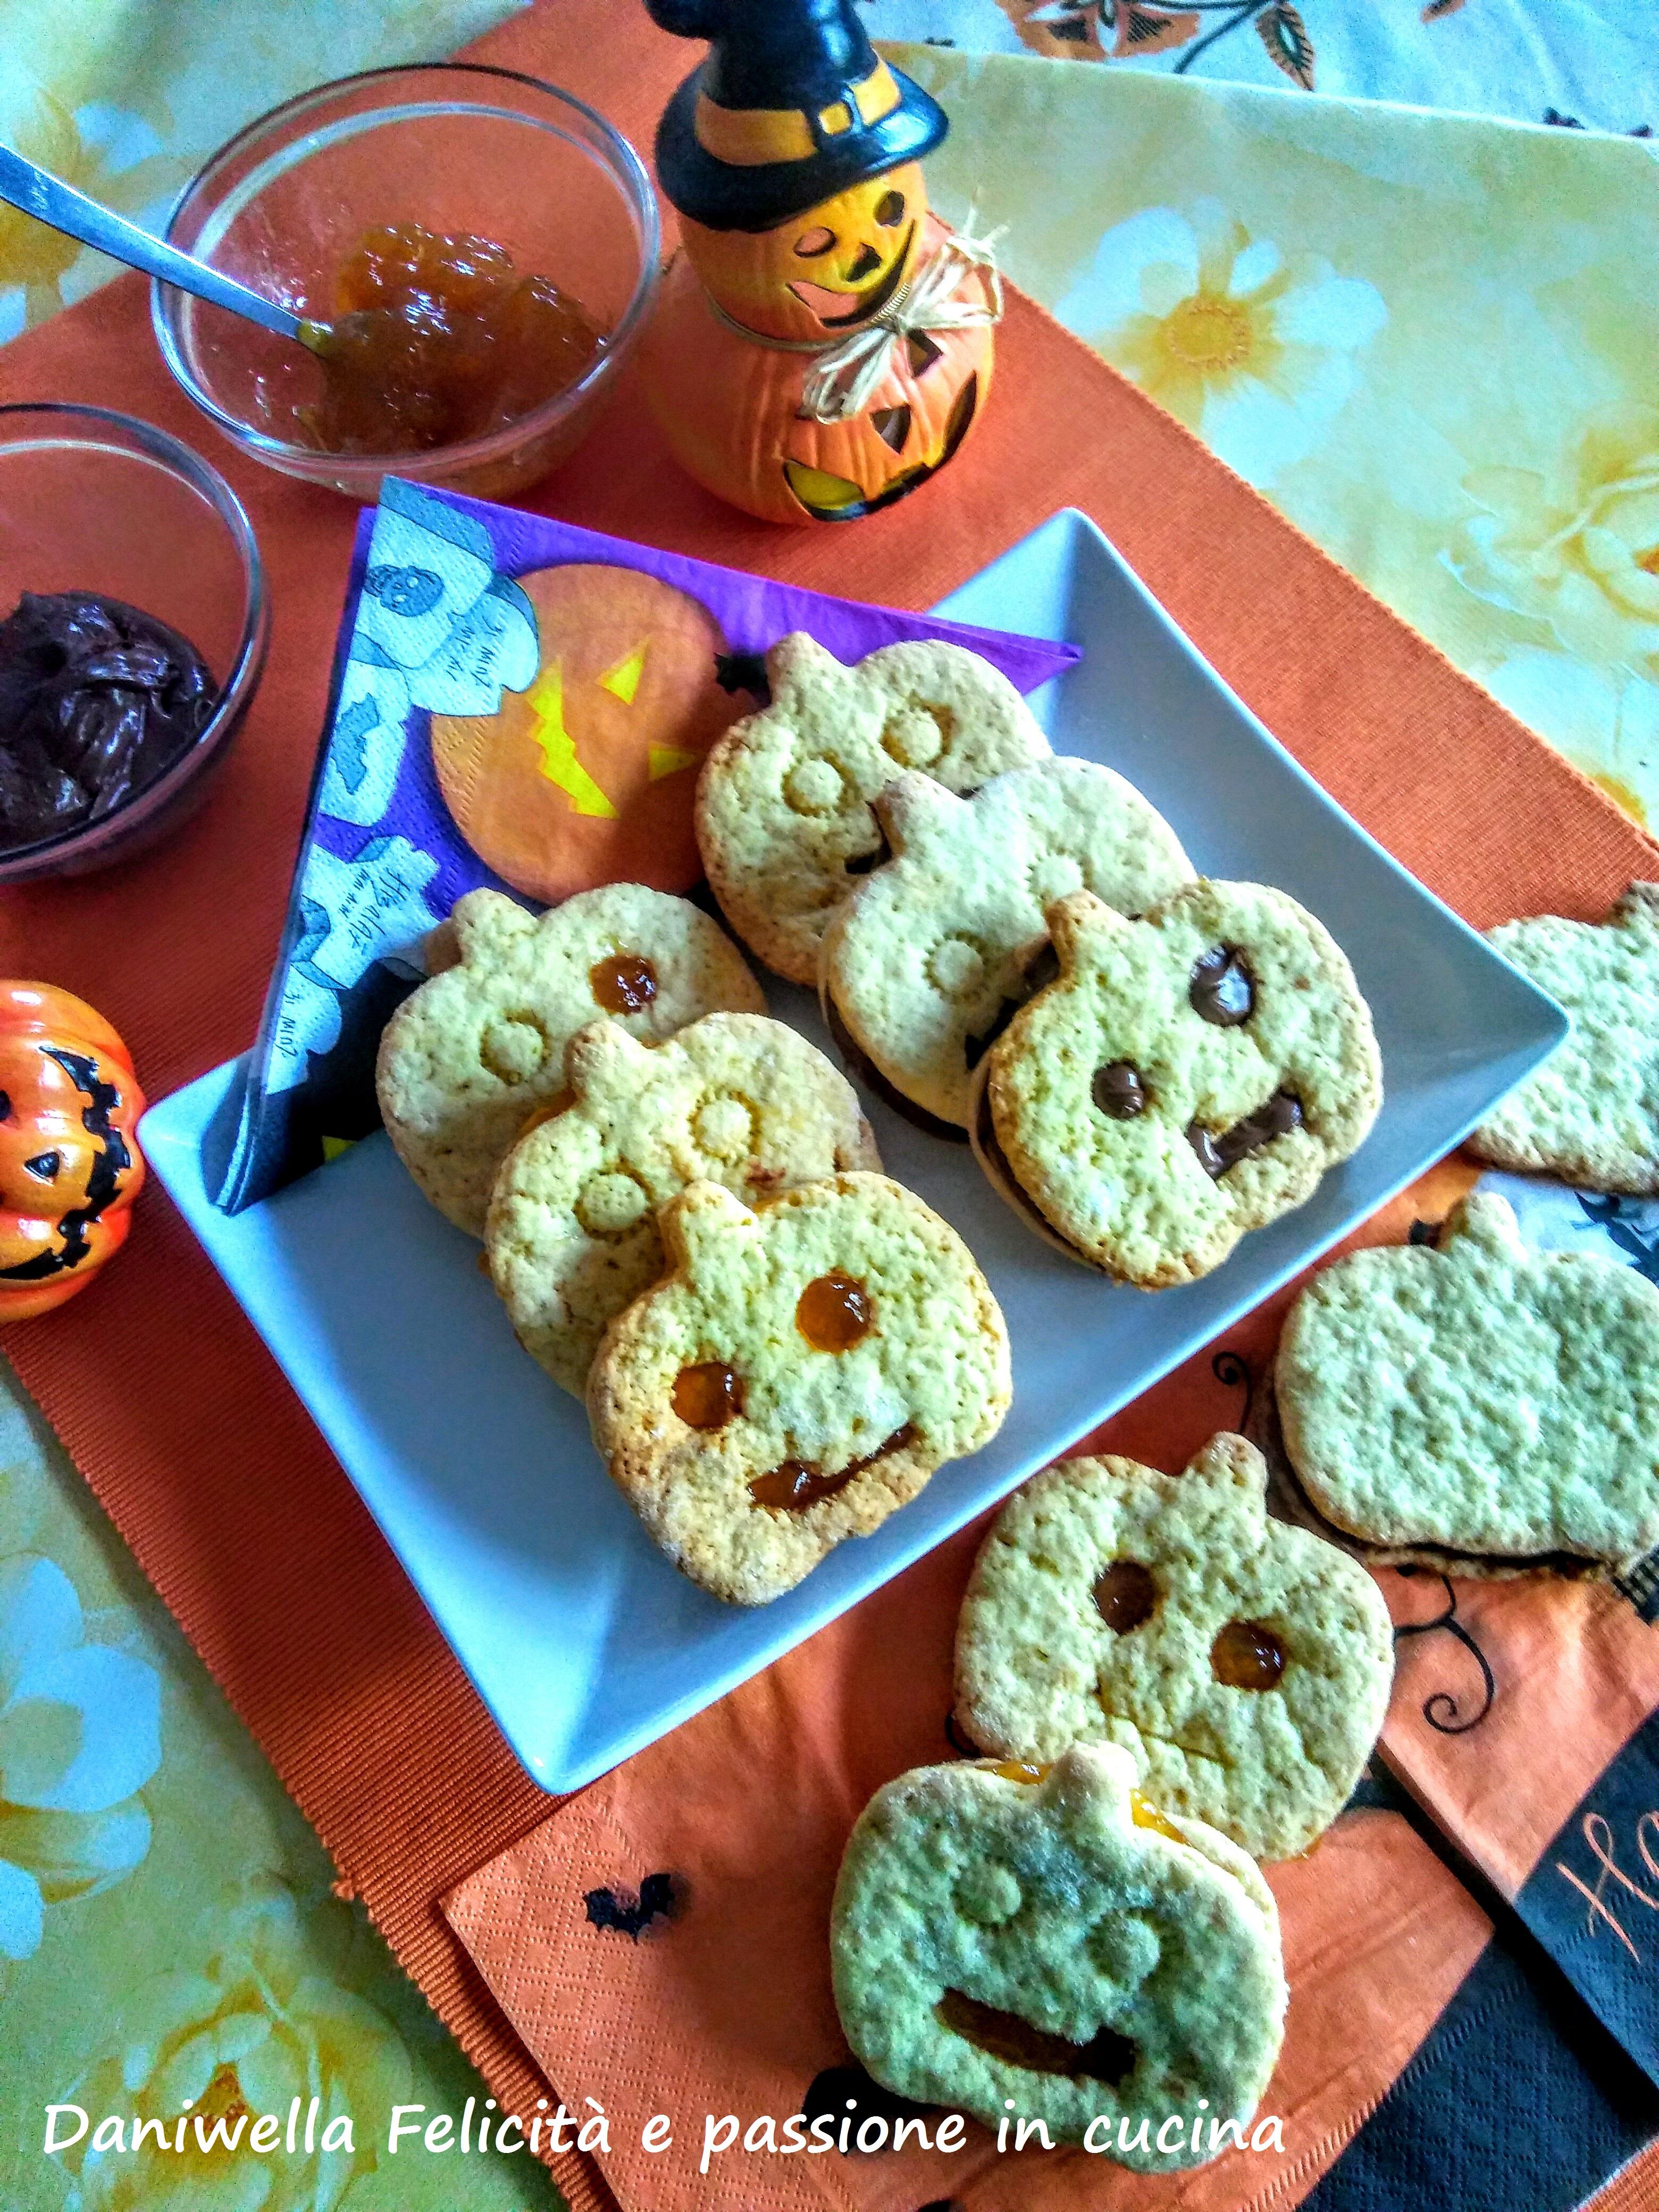 Halloween | Daniwella Felicità e passione in cucina